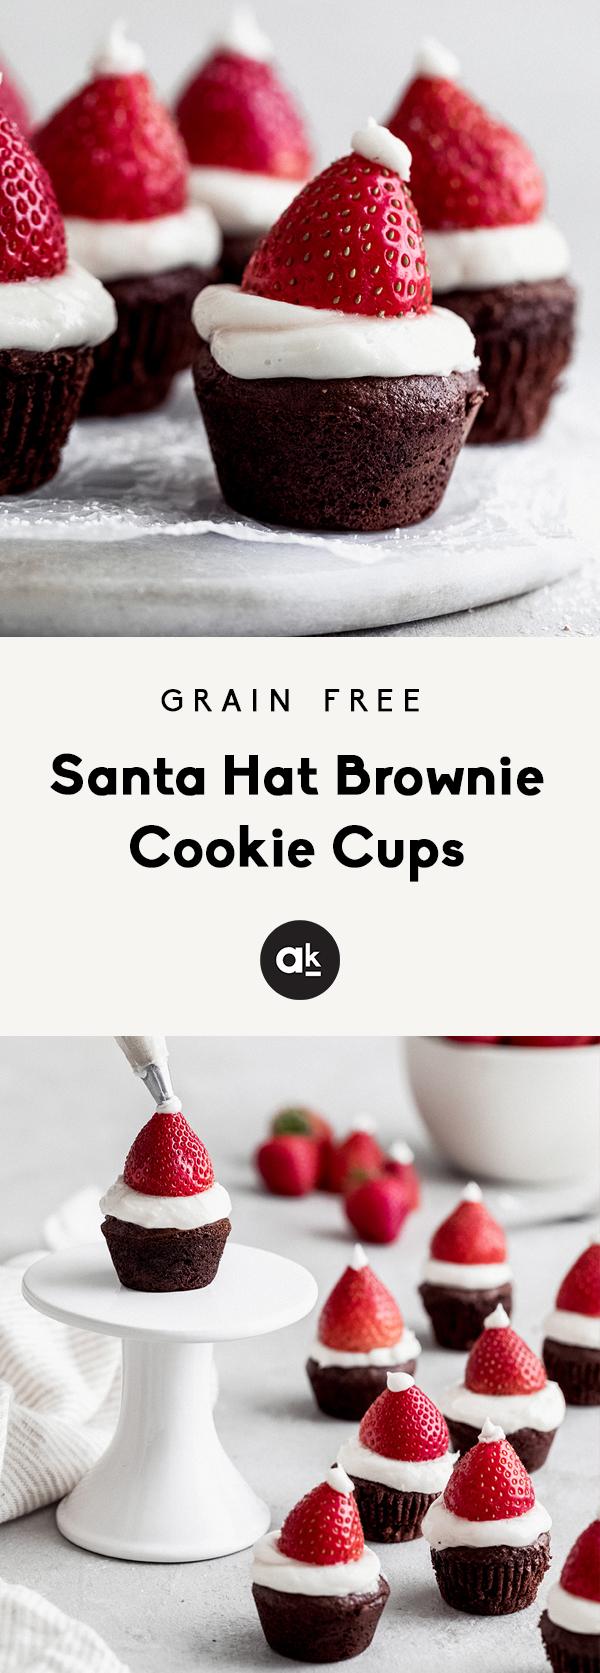 Grain Free Santa Hat Brownie Cookie Cups